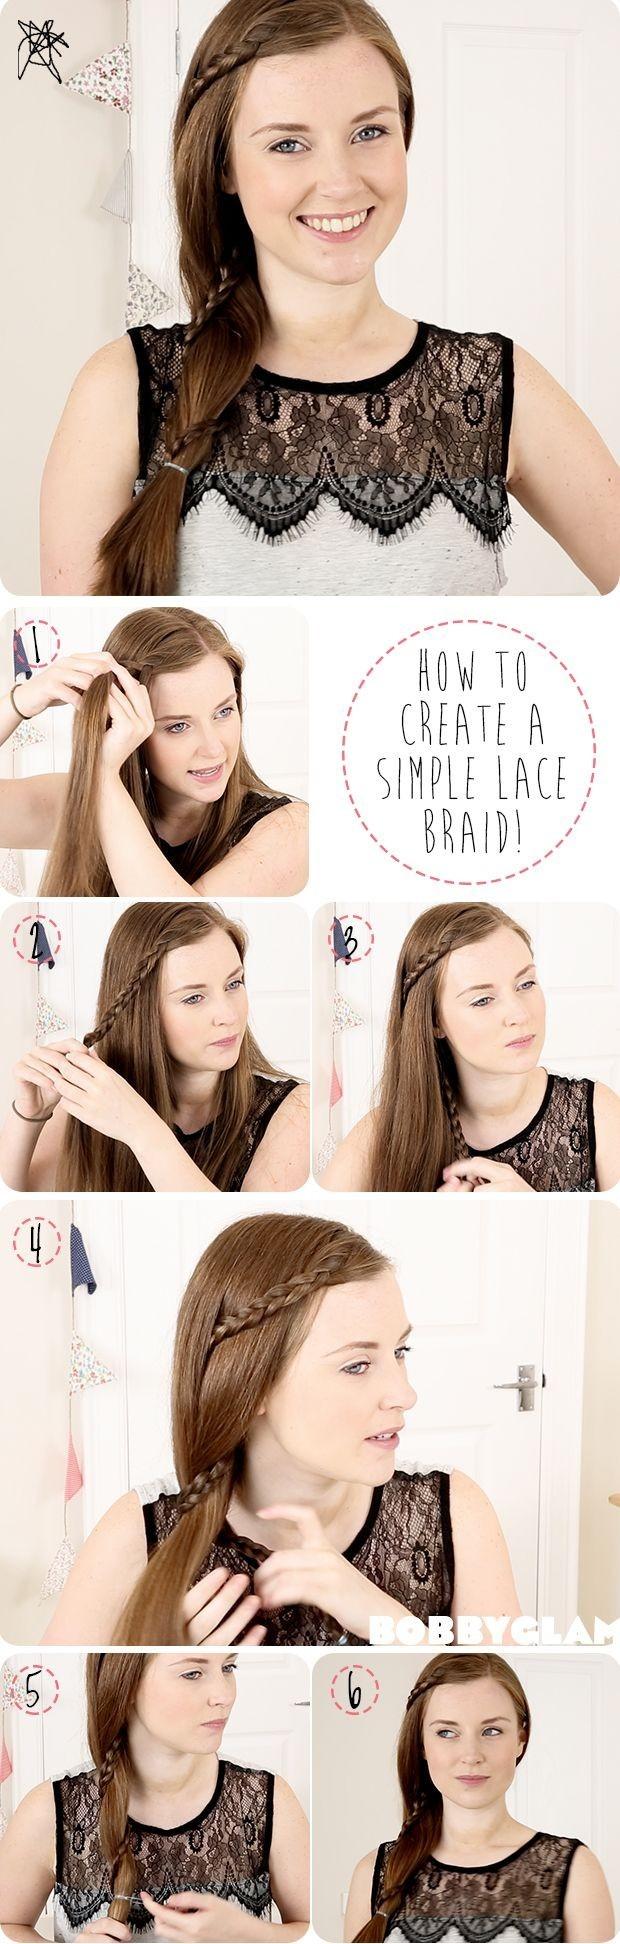 Simple-Lace-Braid-Hair-Tutorial